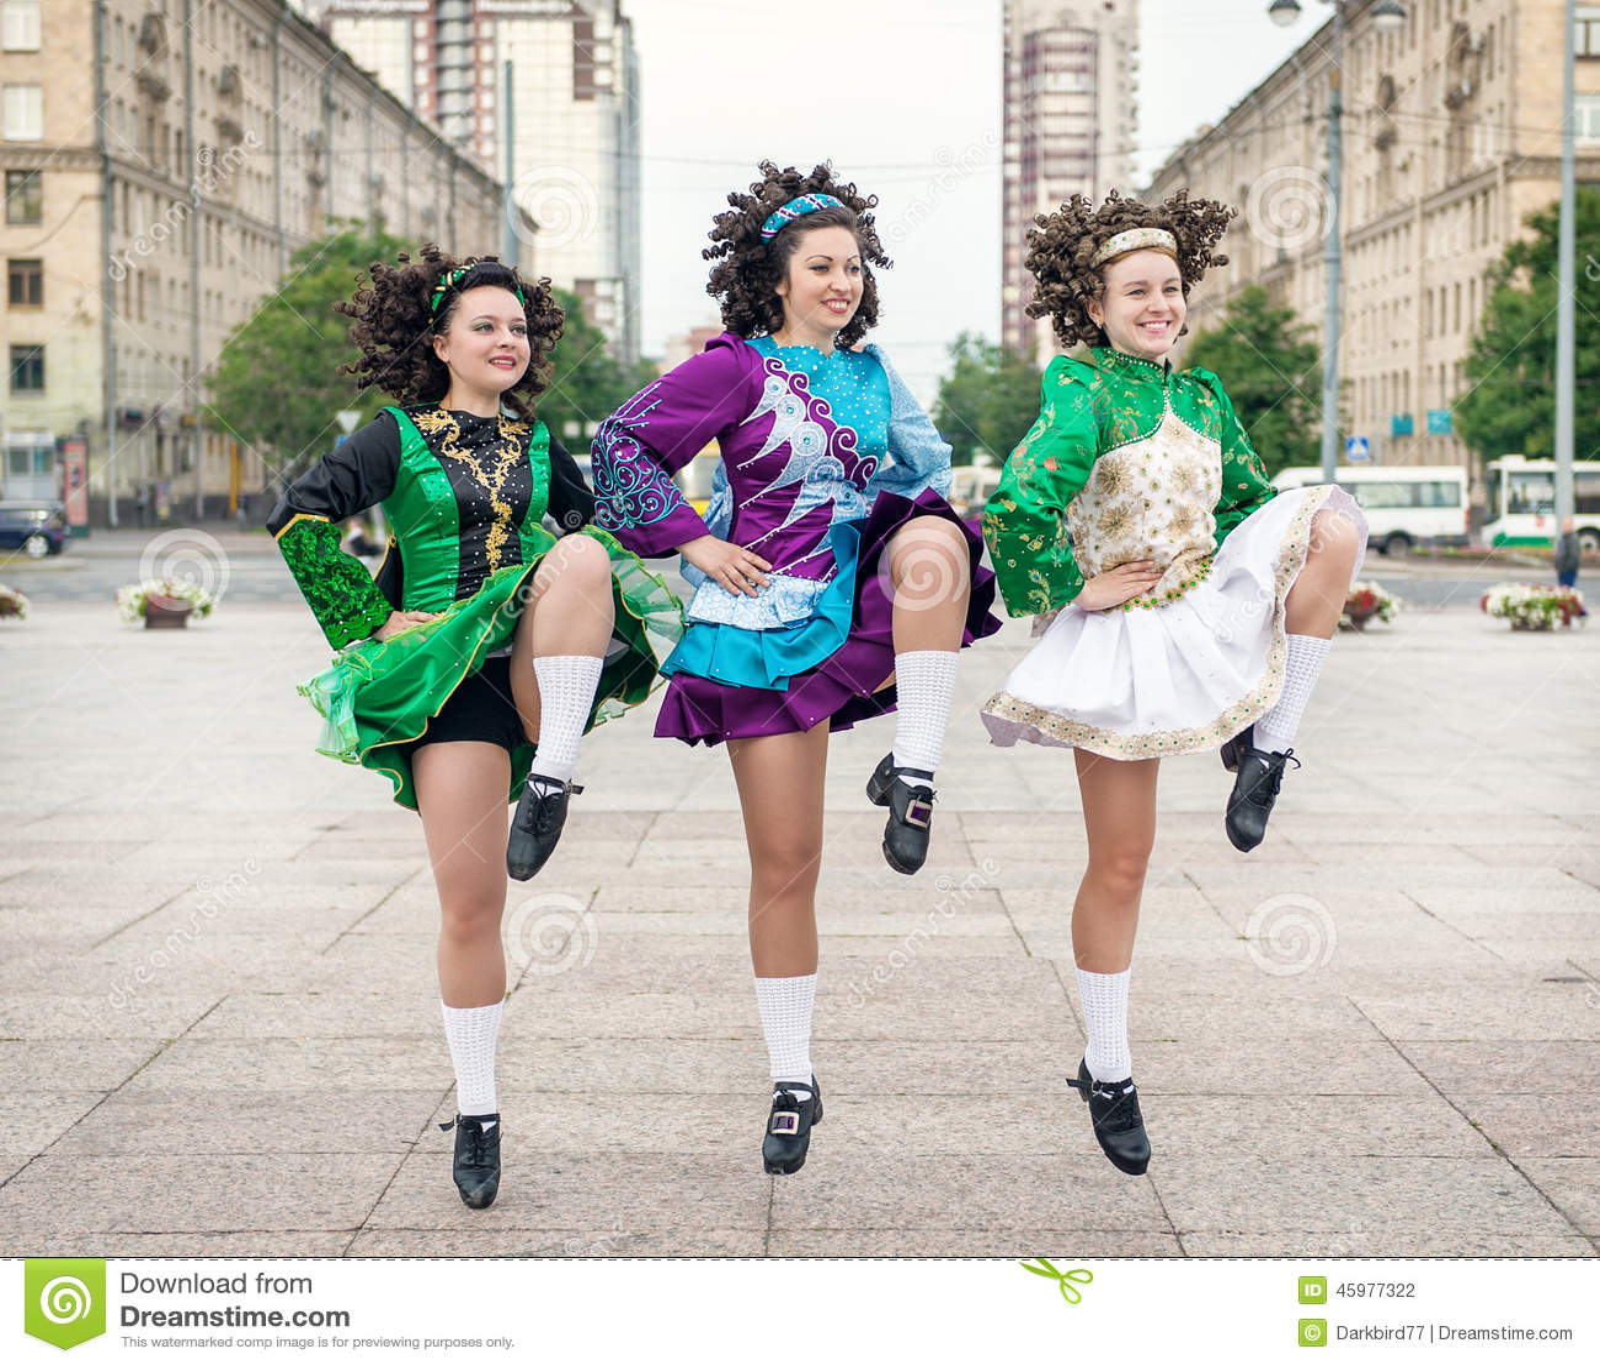 Three Women In Irish Dance Dresses Dancing Stock Photo - Image of ... c5c3261bc1